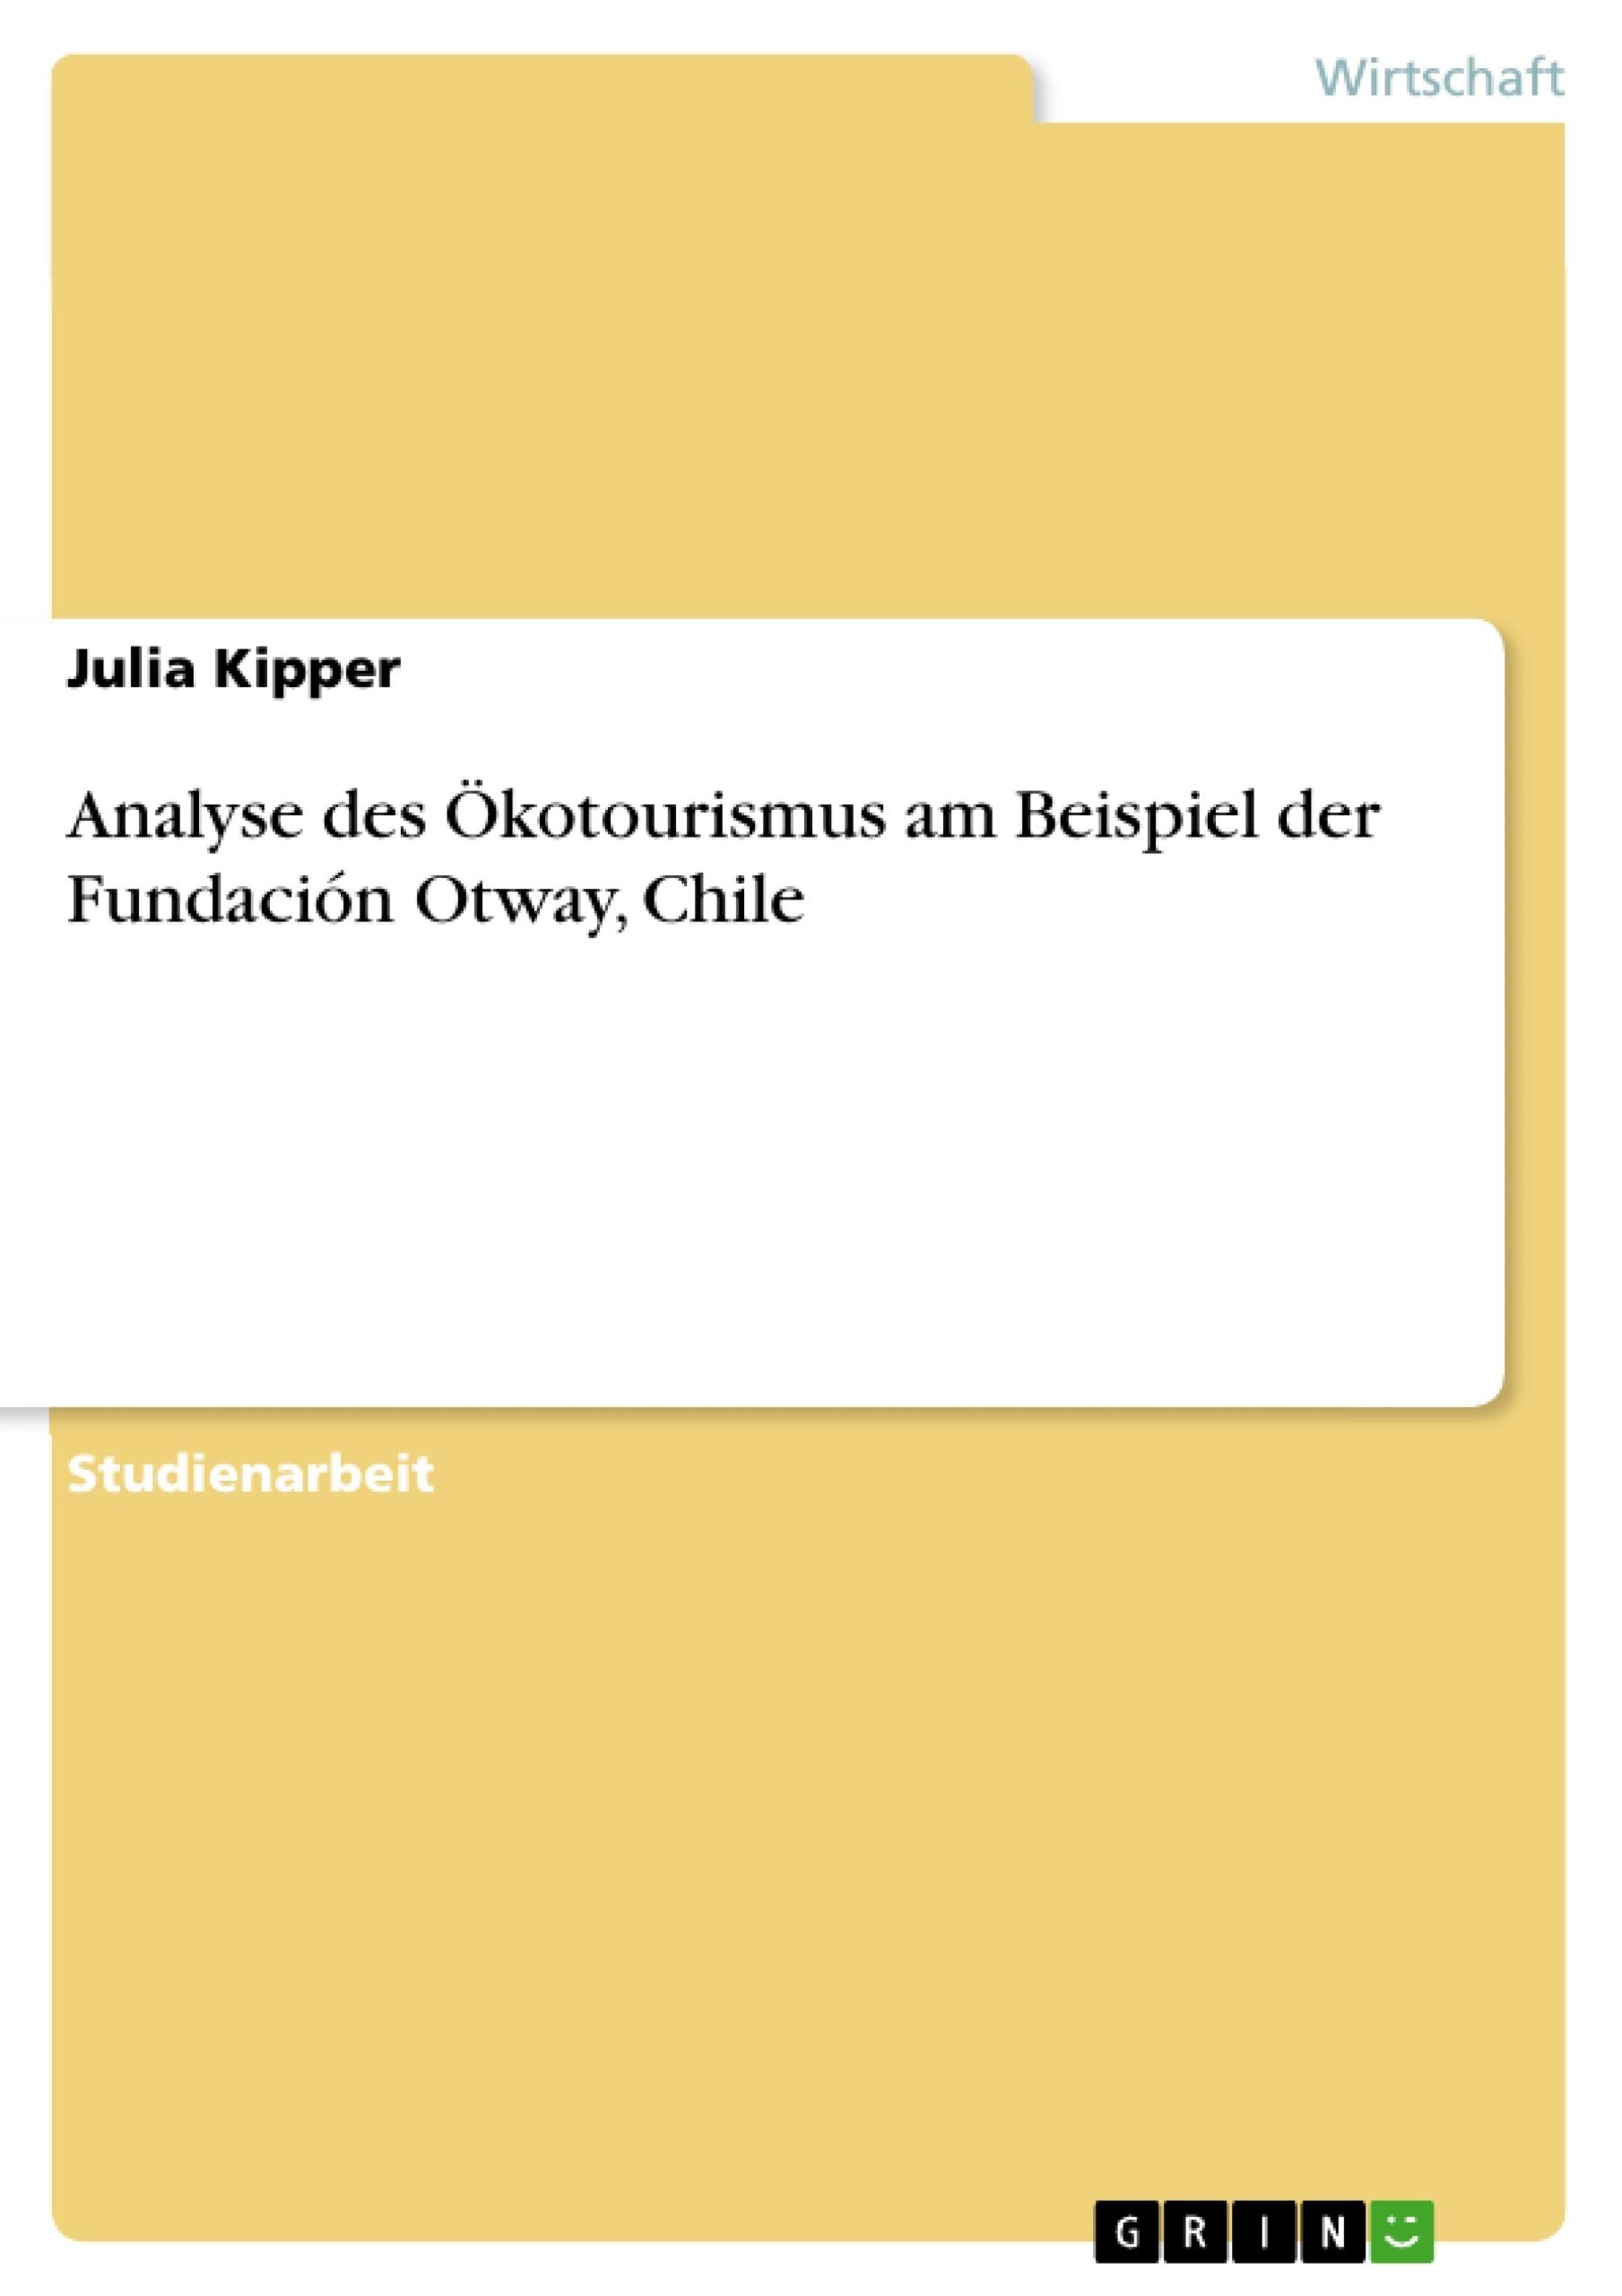 Titel: Analyse des Ökotourismus am Beispiel der Fundación Otway, Chile